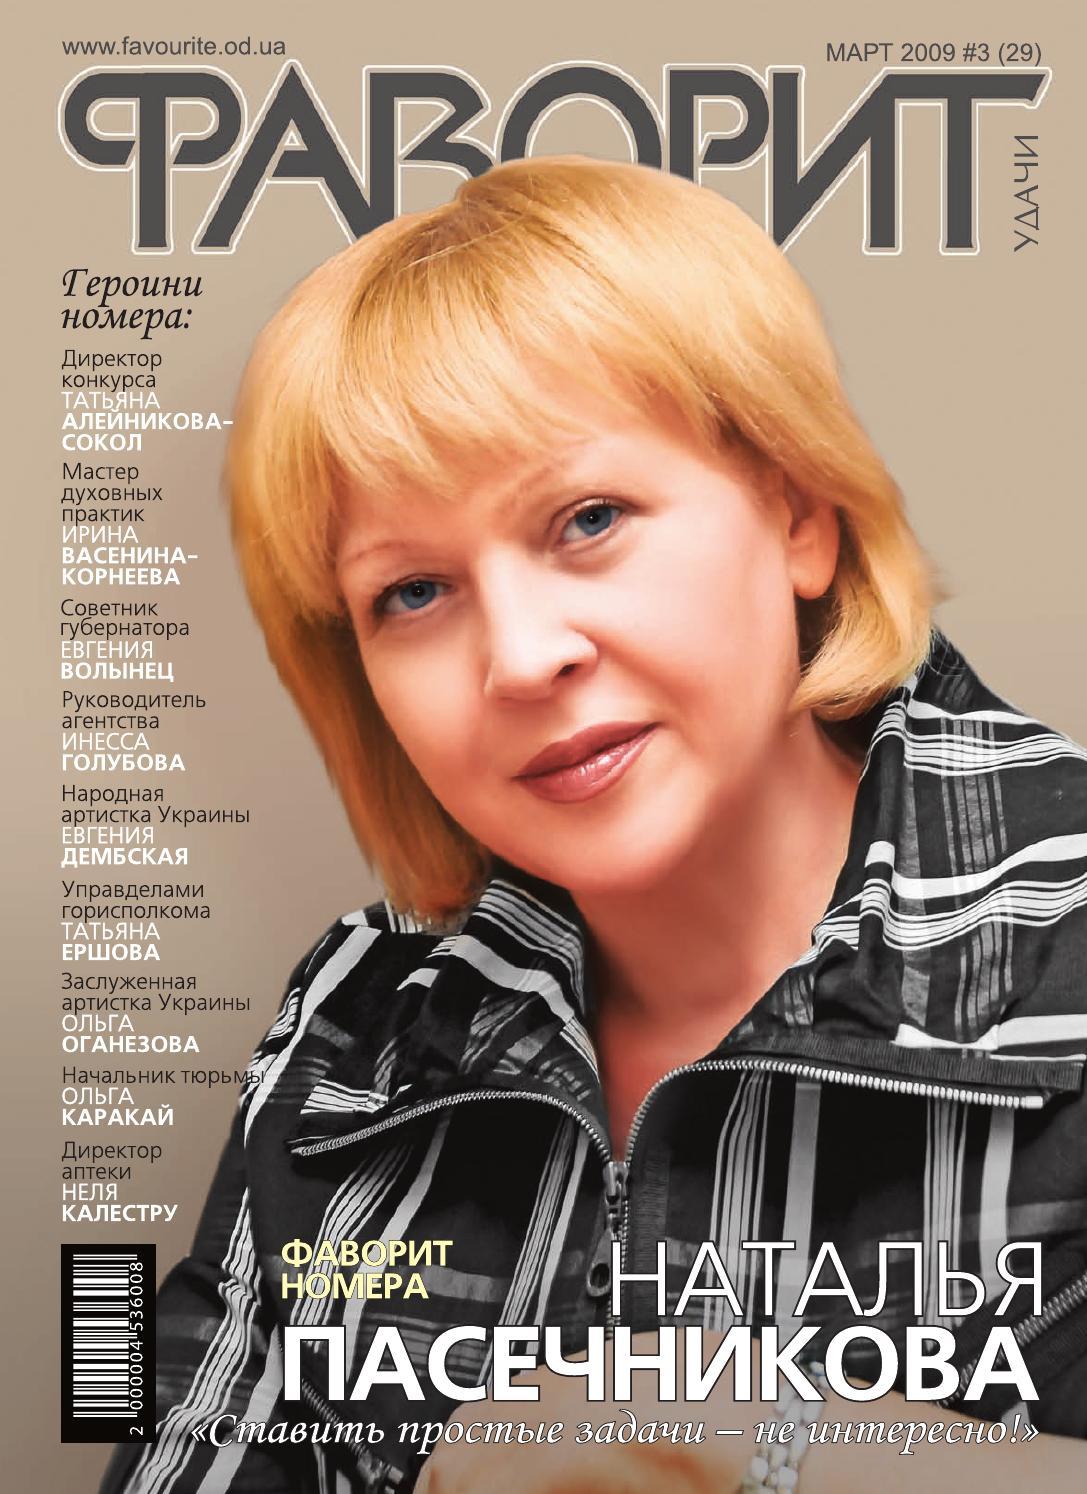 Марченко: Хотелось бы побыть первым номером Украины